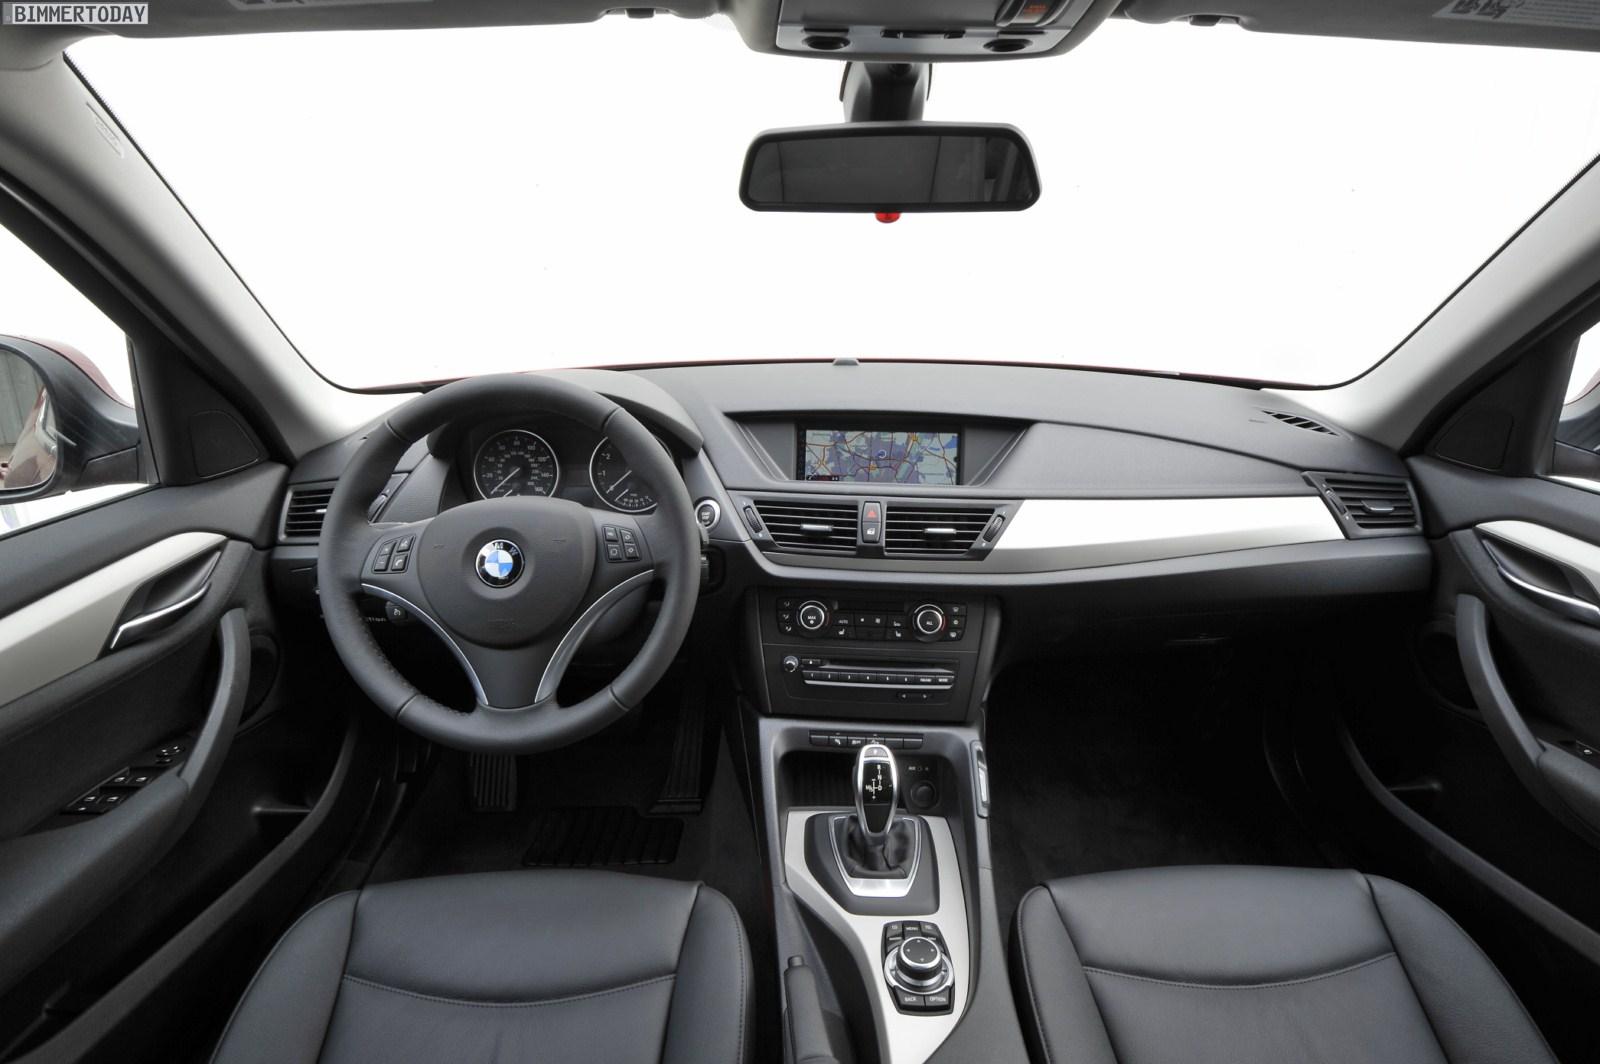 BMW X1 E84 xDrive28i 2011 Interieur Achtgang Automatik 01